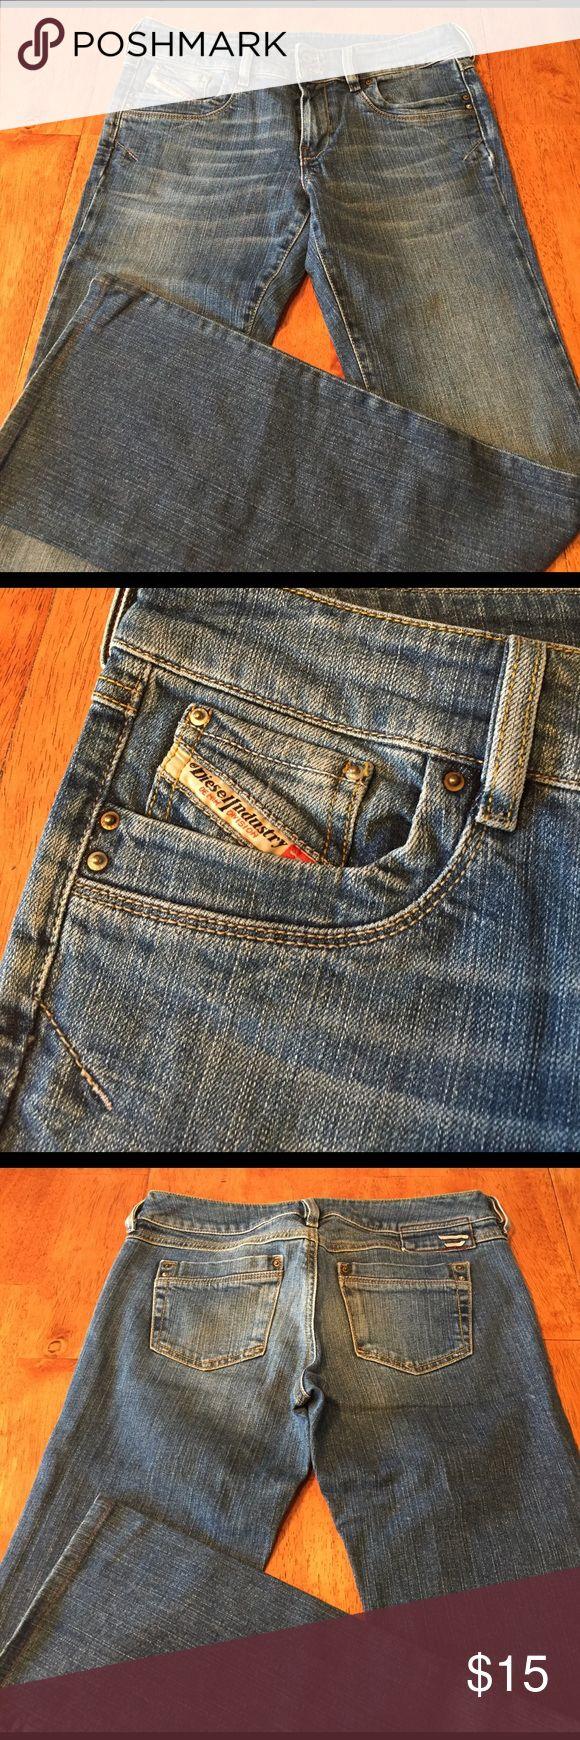 Diesel boot cut jeans Weathered Diesel boot cut jeans, size 28 Diesel Jeans Boot Cut